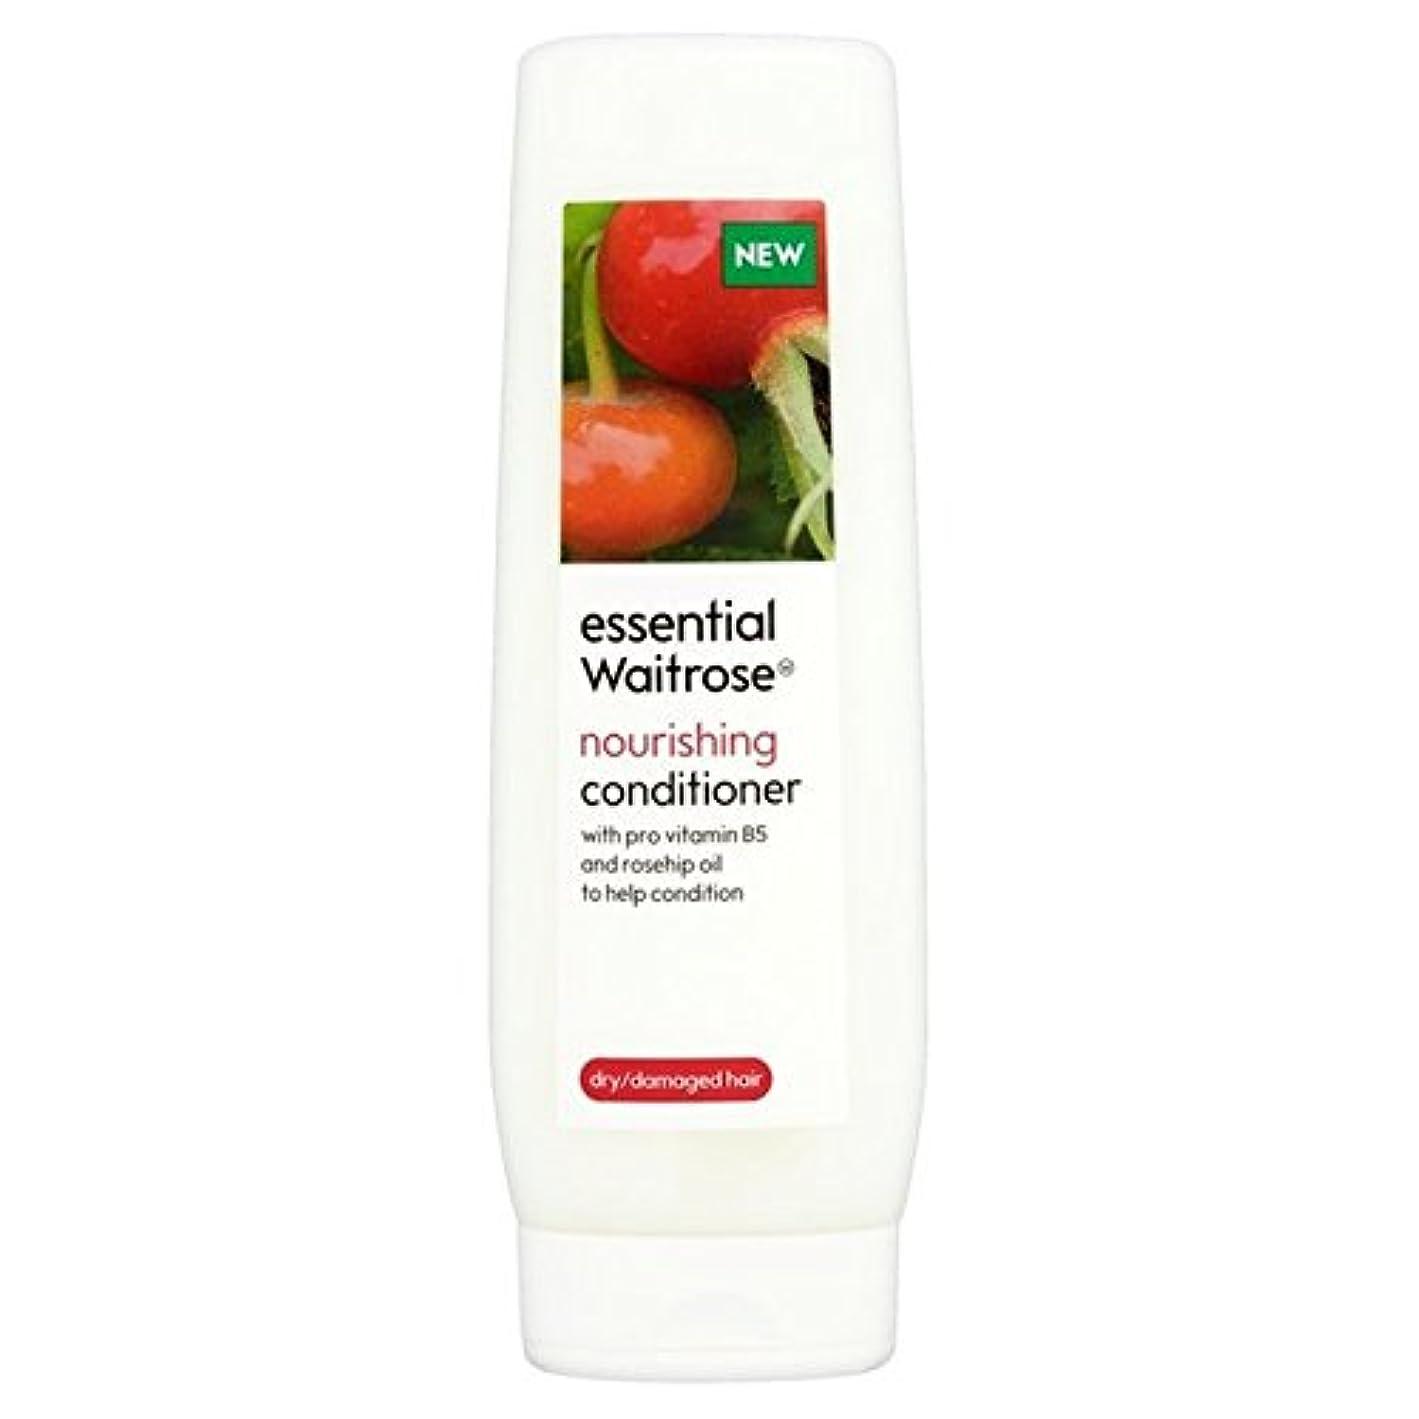 謙虚かなり大工ドライ&ダメージヘア不可欠ウェイトローズの300ミリリットルのためのコンディショナー x2 - Conditioner for Dry & Damaged Hair essential Waitrose 300ml (Pack...